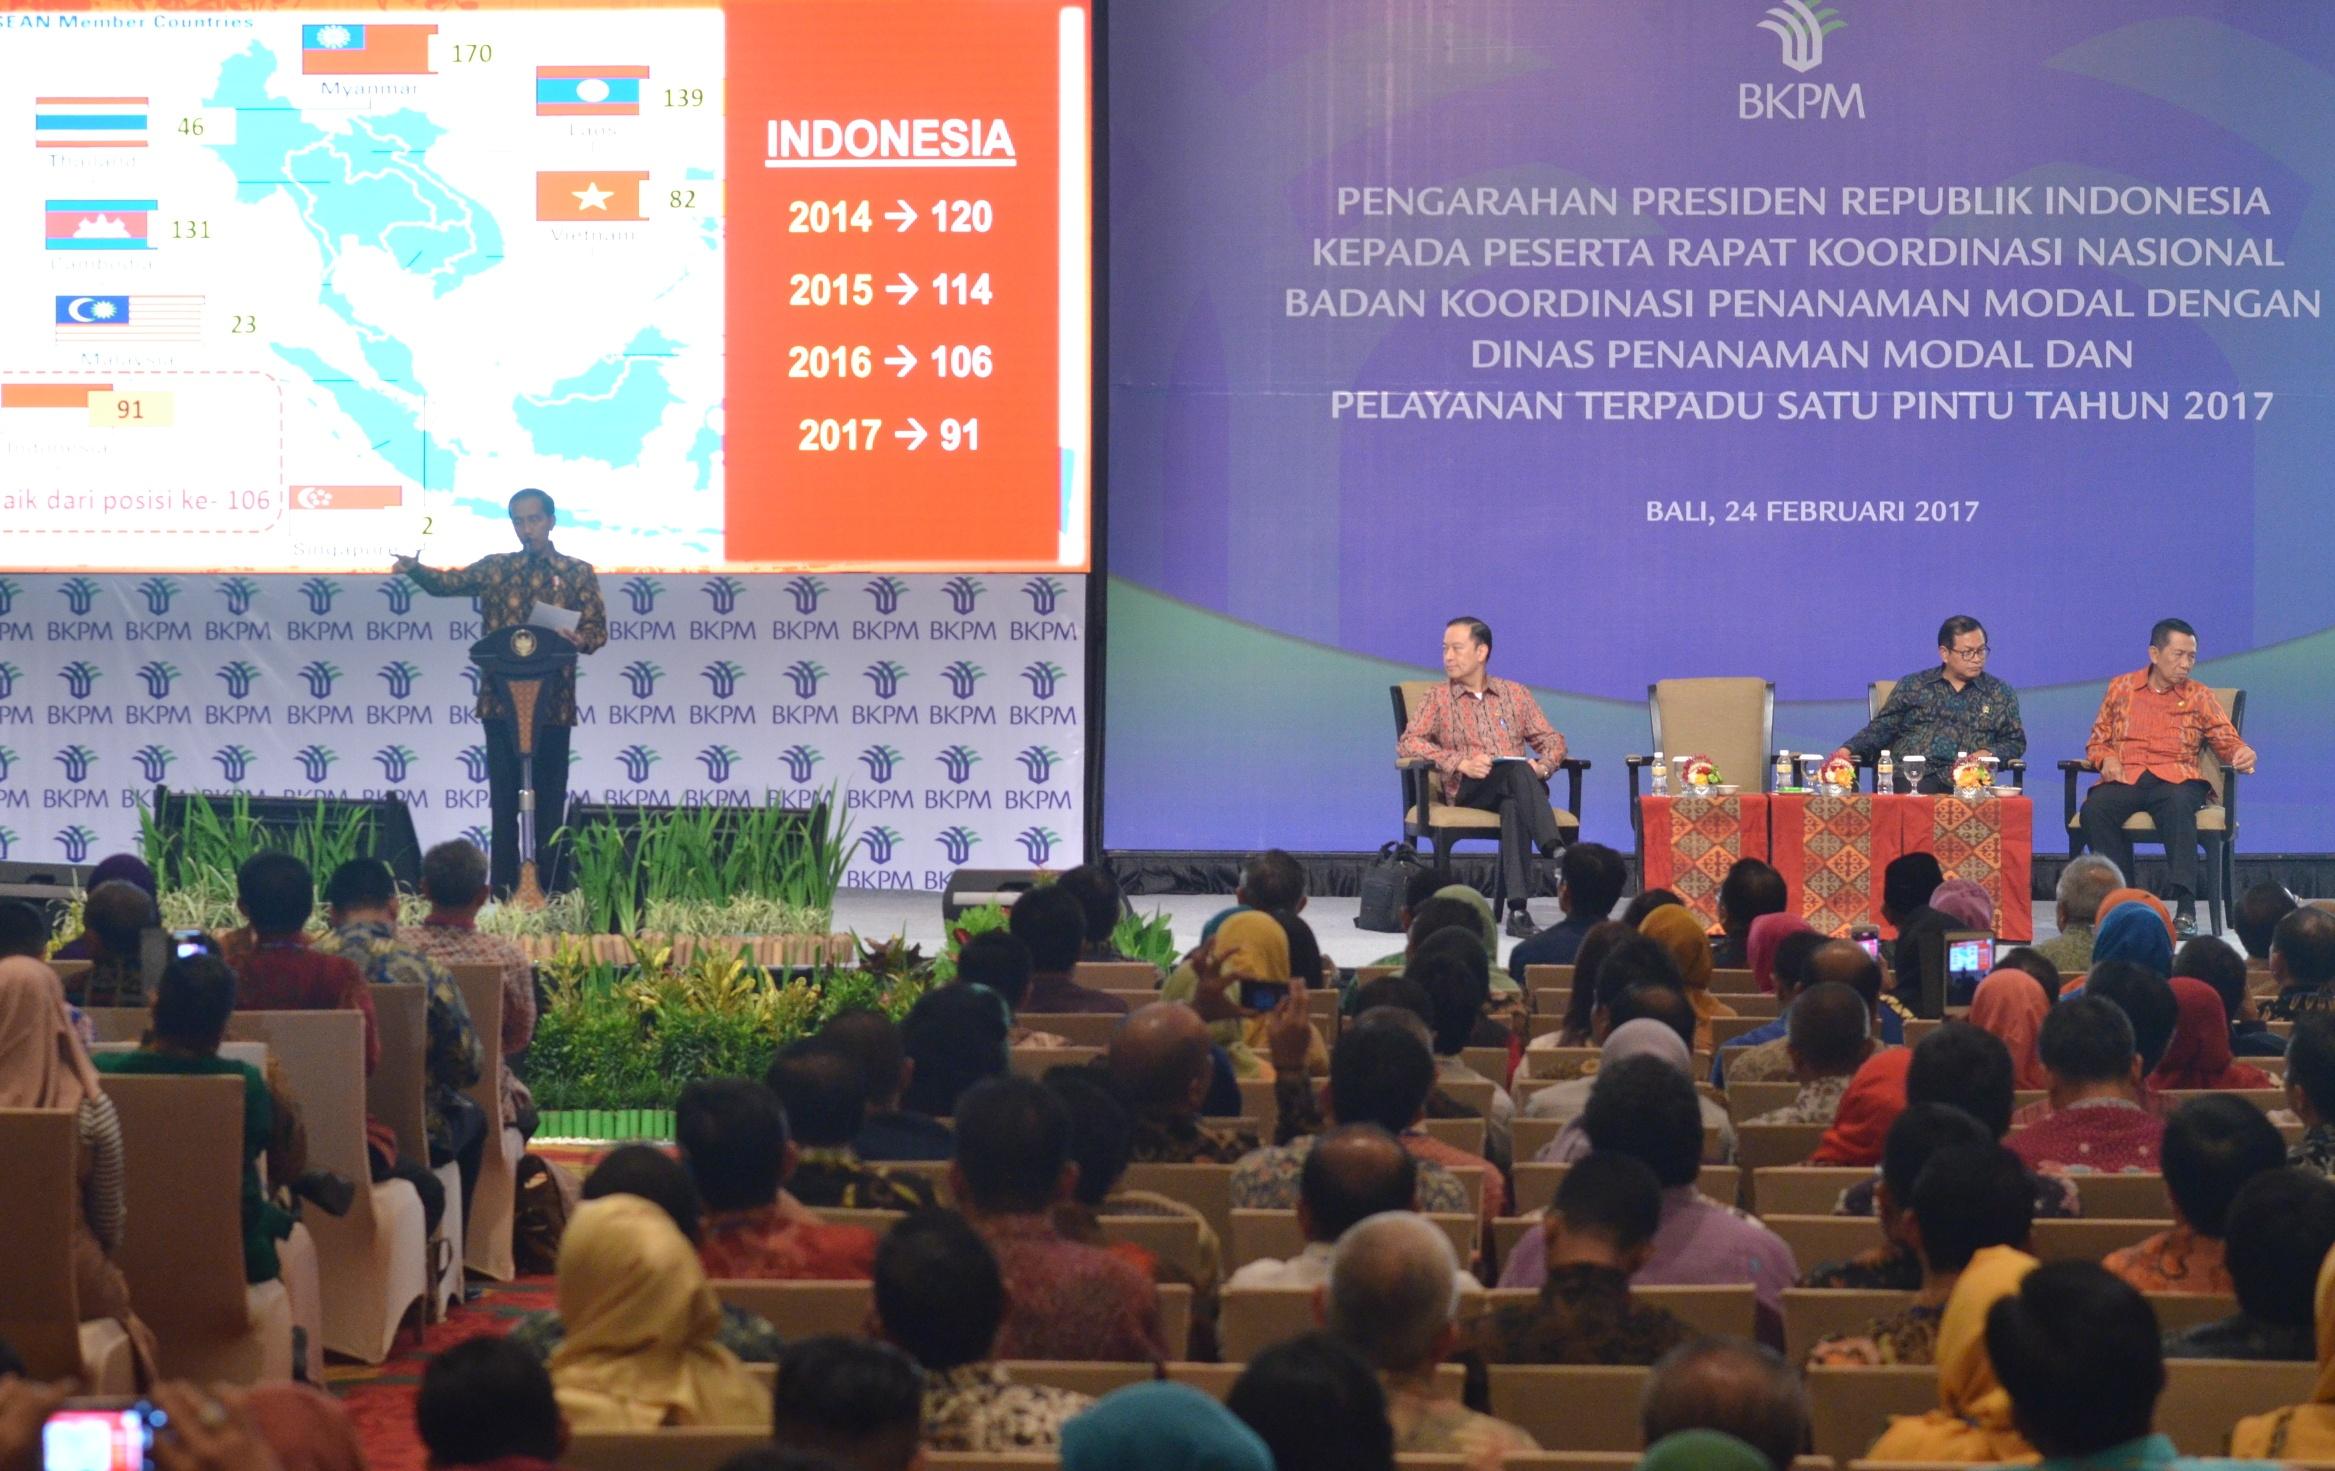 residen Jokowi saat memberikan arahan pada Rapat Koordinasi (Rakornas) Badan Koordinasi Penanaman Modal (BKPM) Tahun 2017, di Bali Nusa Dua Convention Center (BNDCC), Nusa Dua,  Bali, Jumat (24/2) petang. (Foto: Humas/Jay)